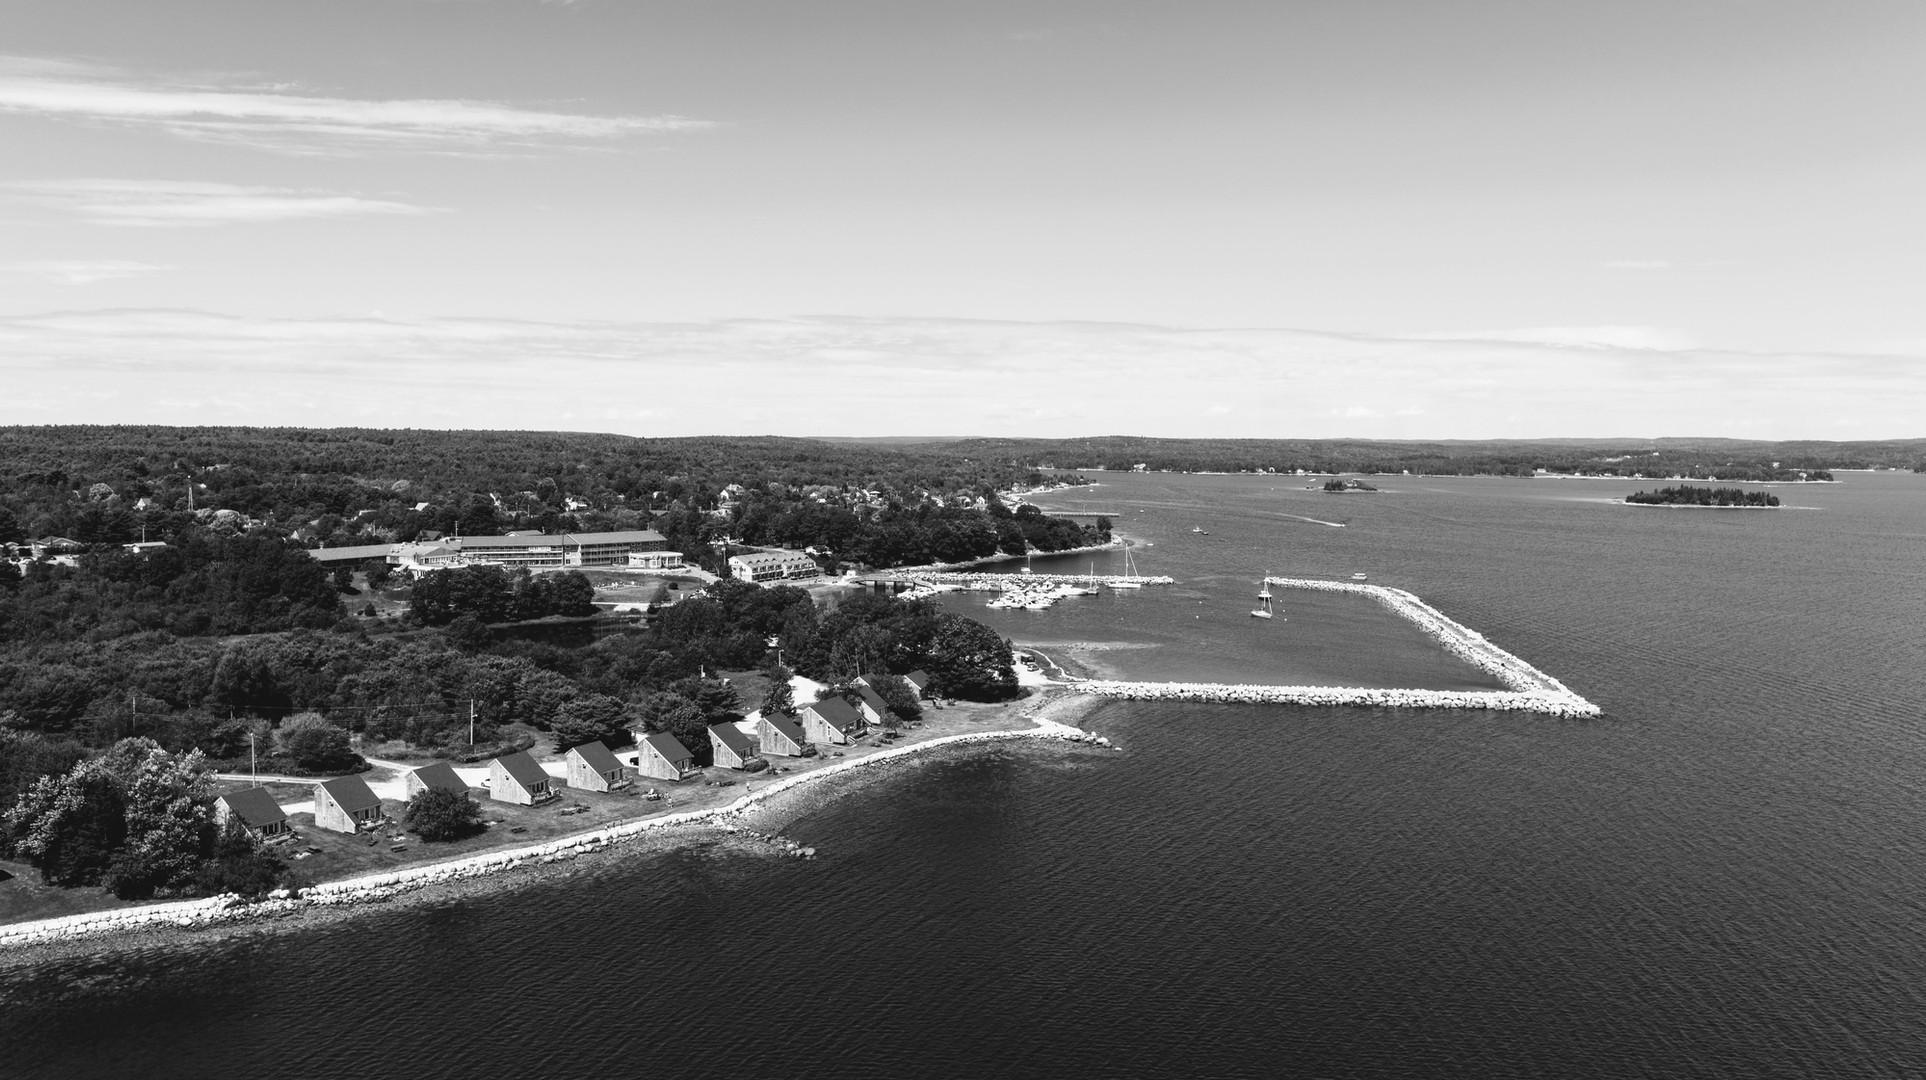 Oak island resort / 10% discount!